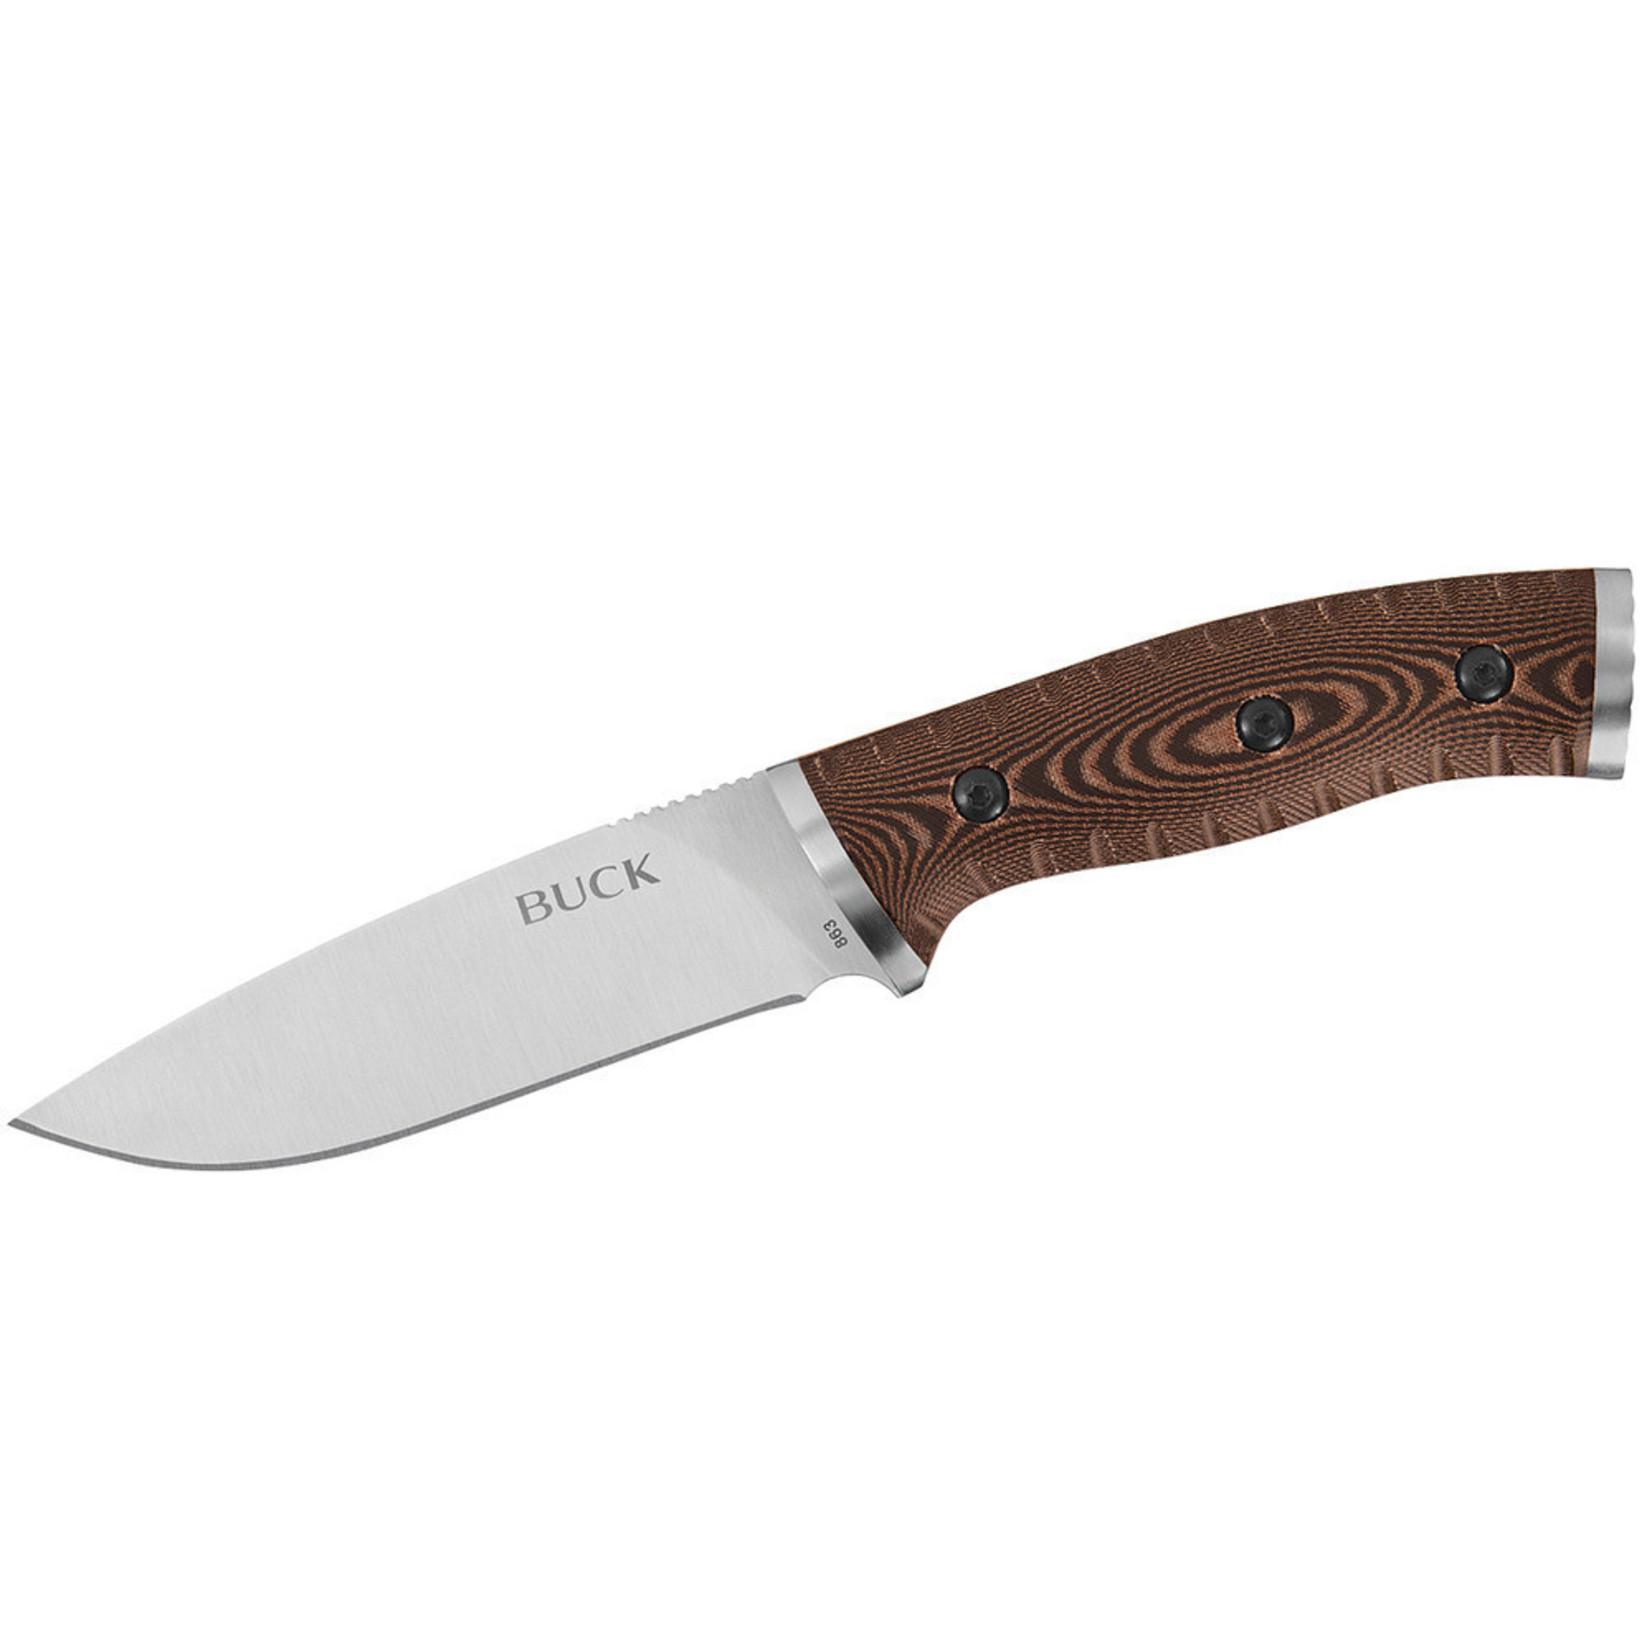 Buck Buck Selkirk vaststaand mes